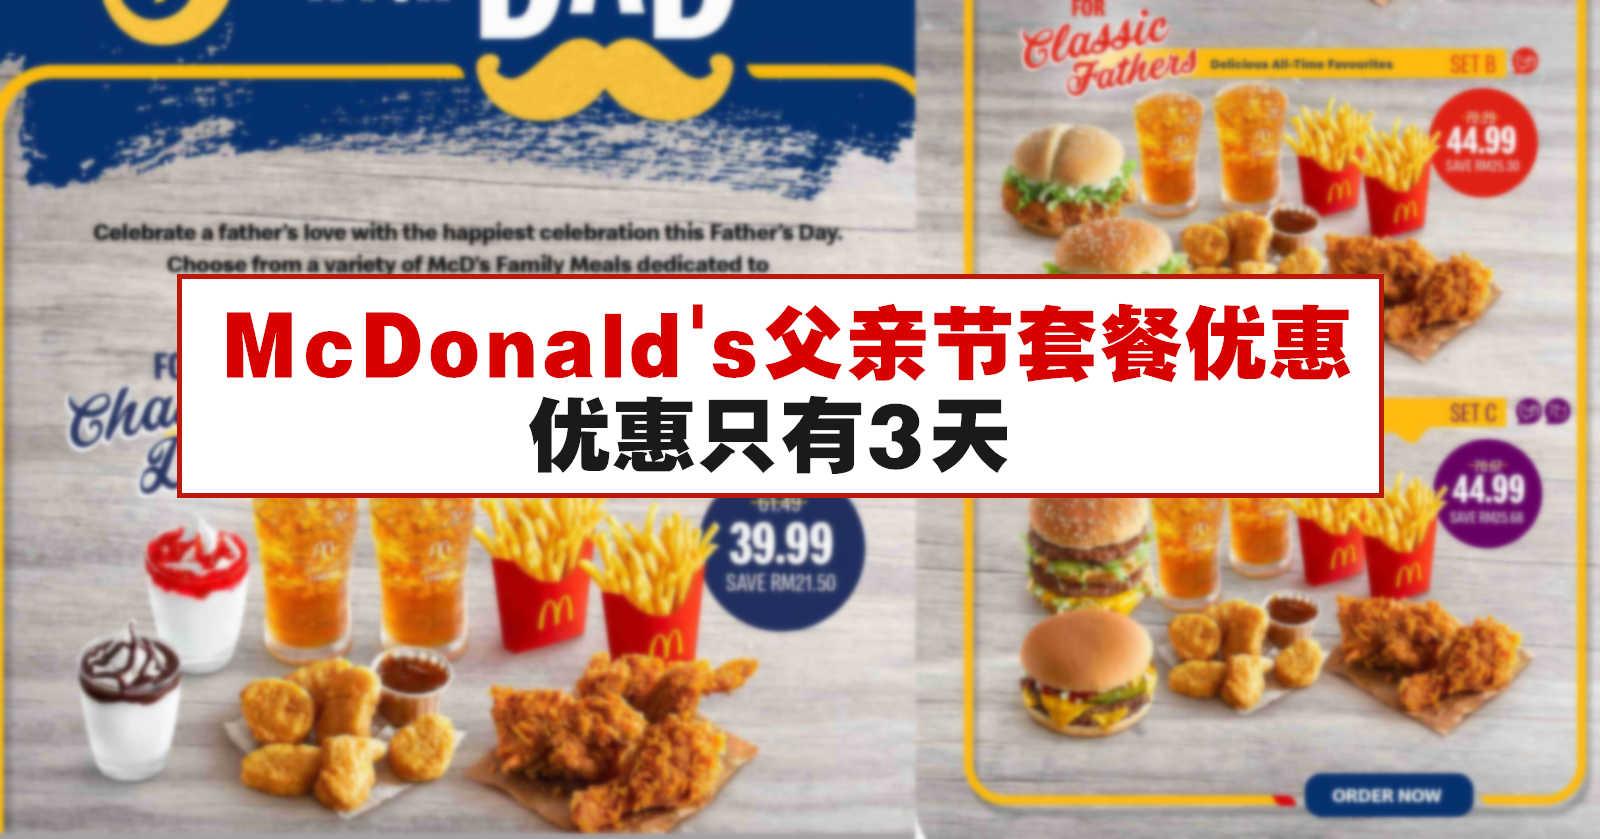 McDonald's推出父亲节套餐优惠